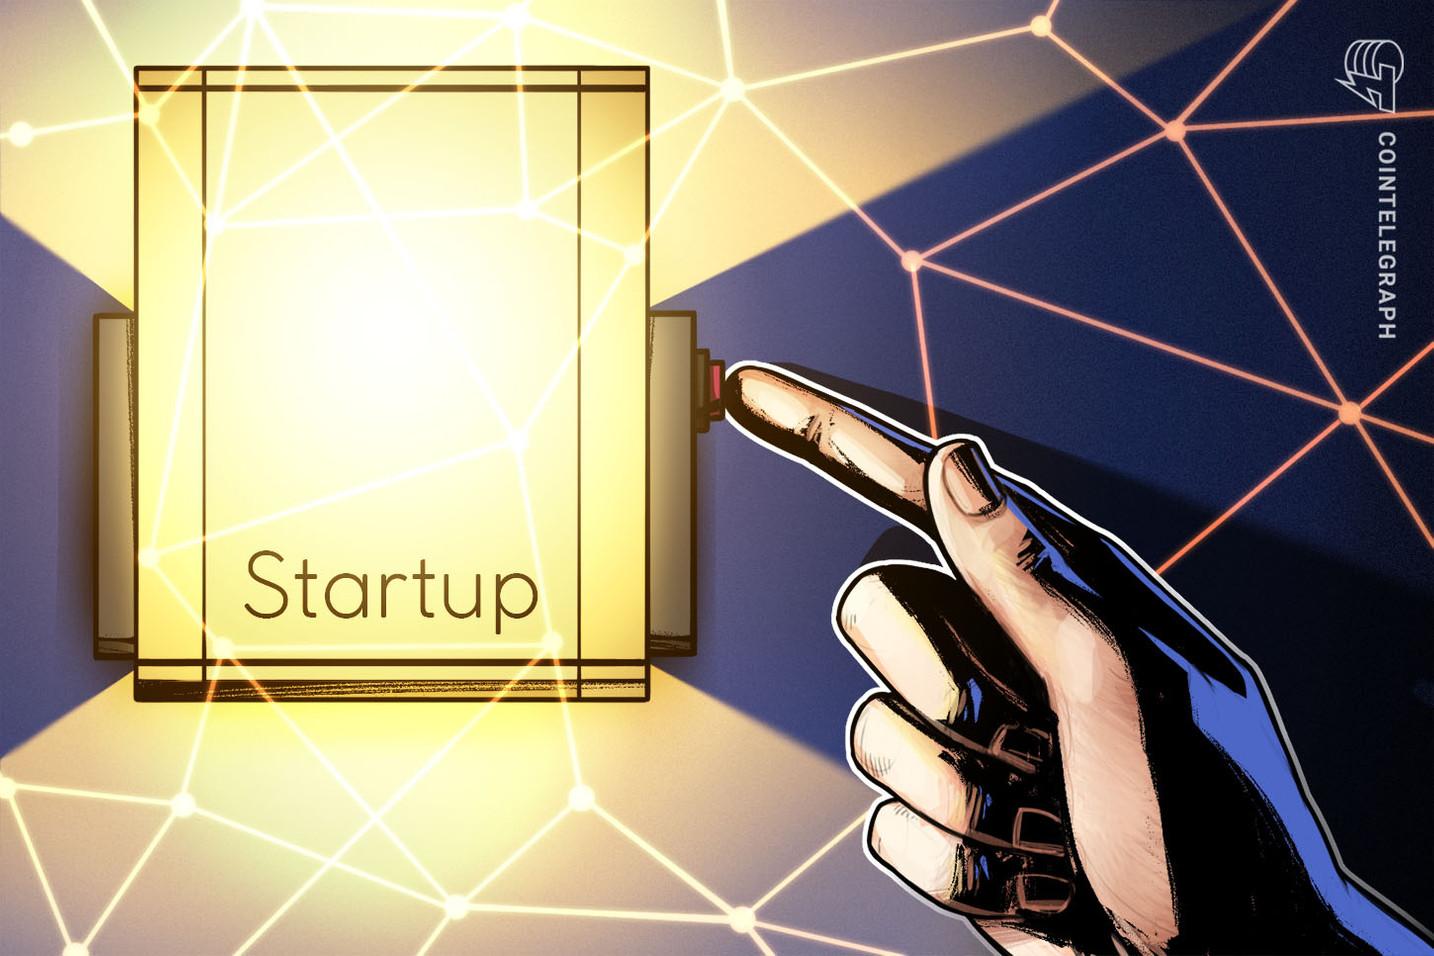 Empresa blockchain Bison Trails recibe una inversión de USD 5,25 millones con respaldo de Galaxy Digital